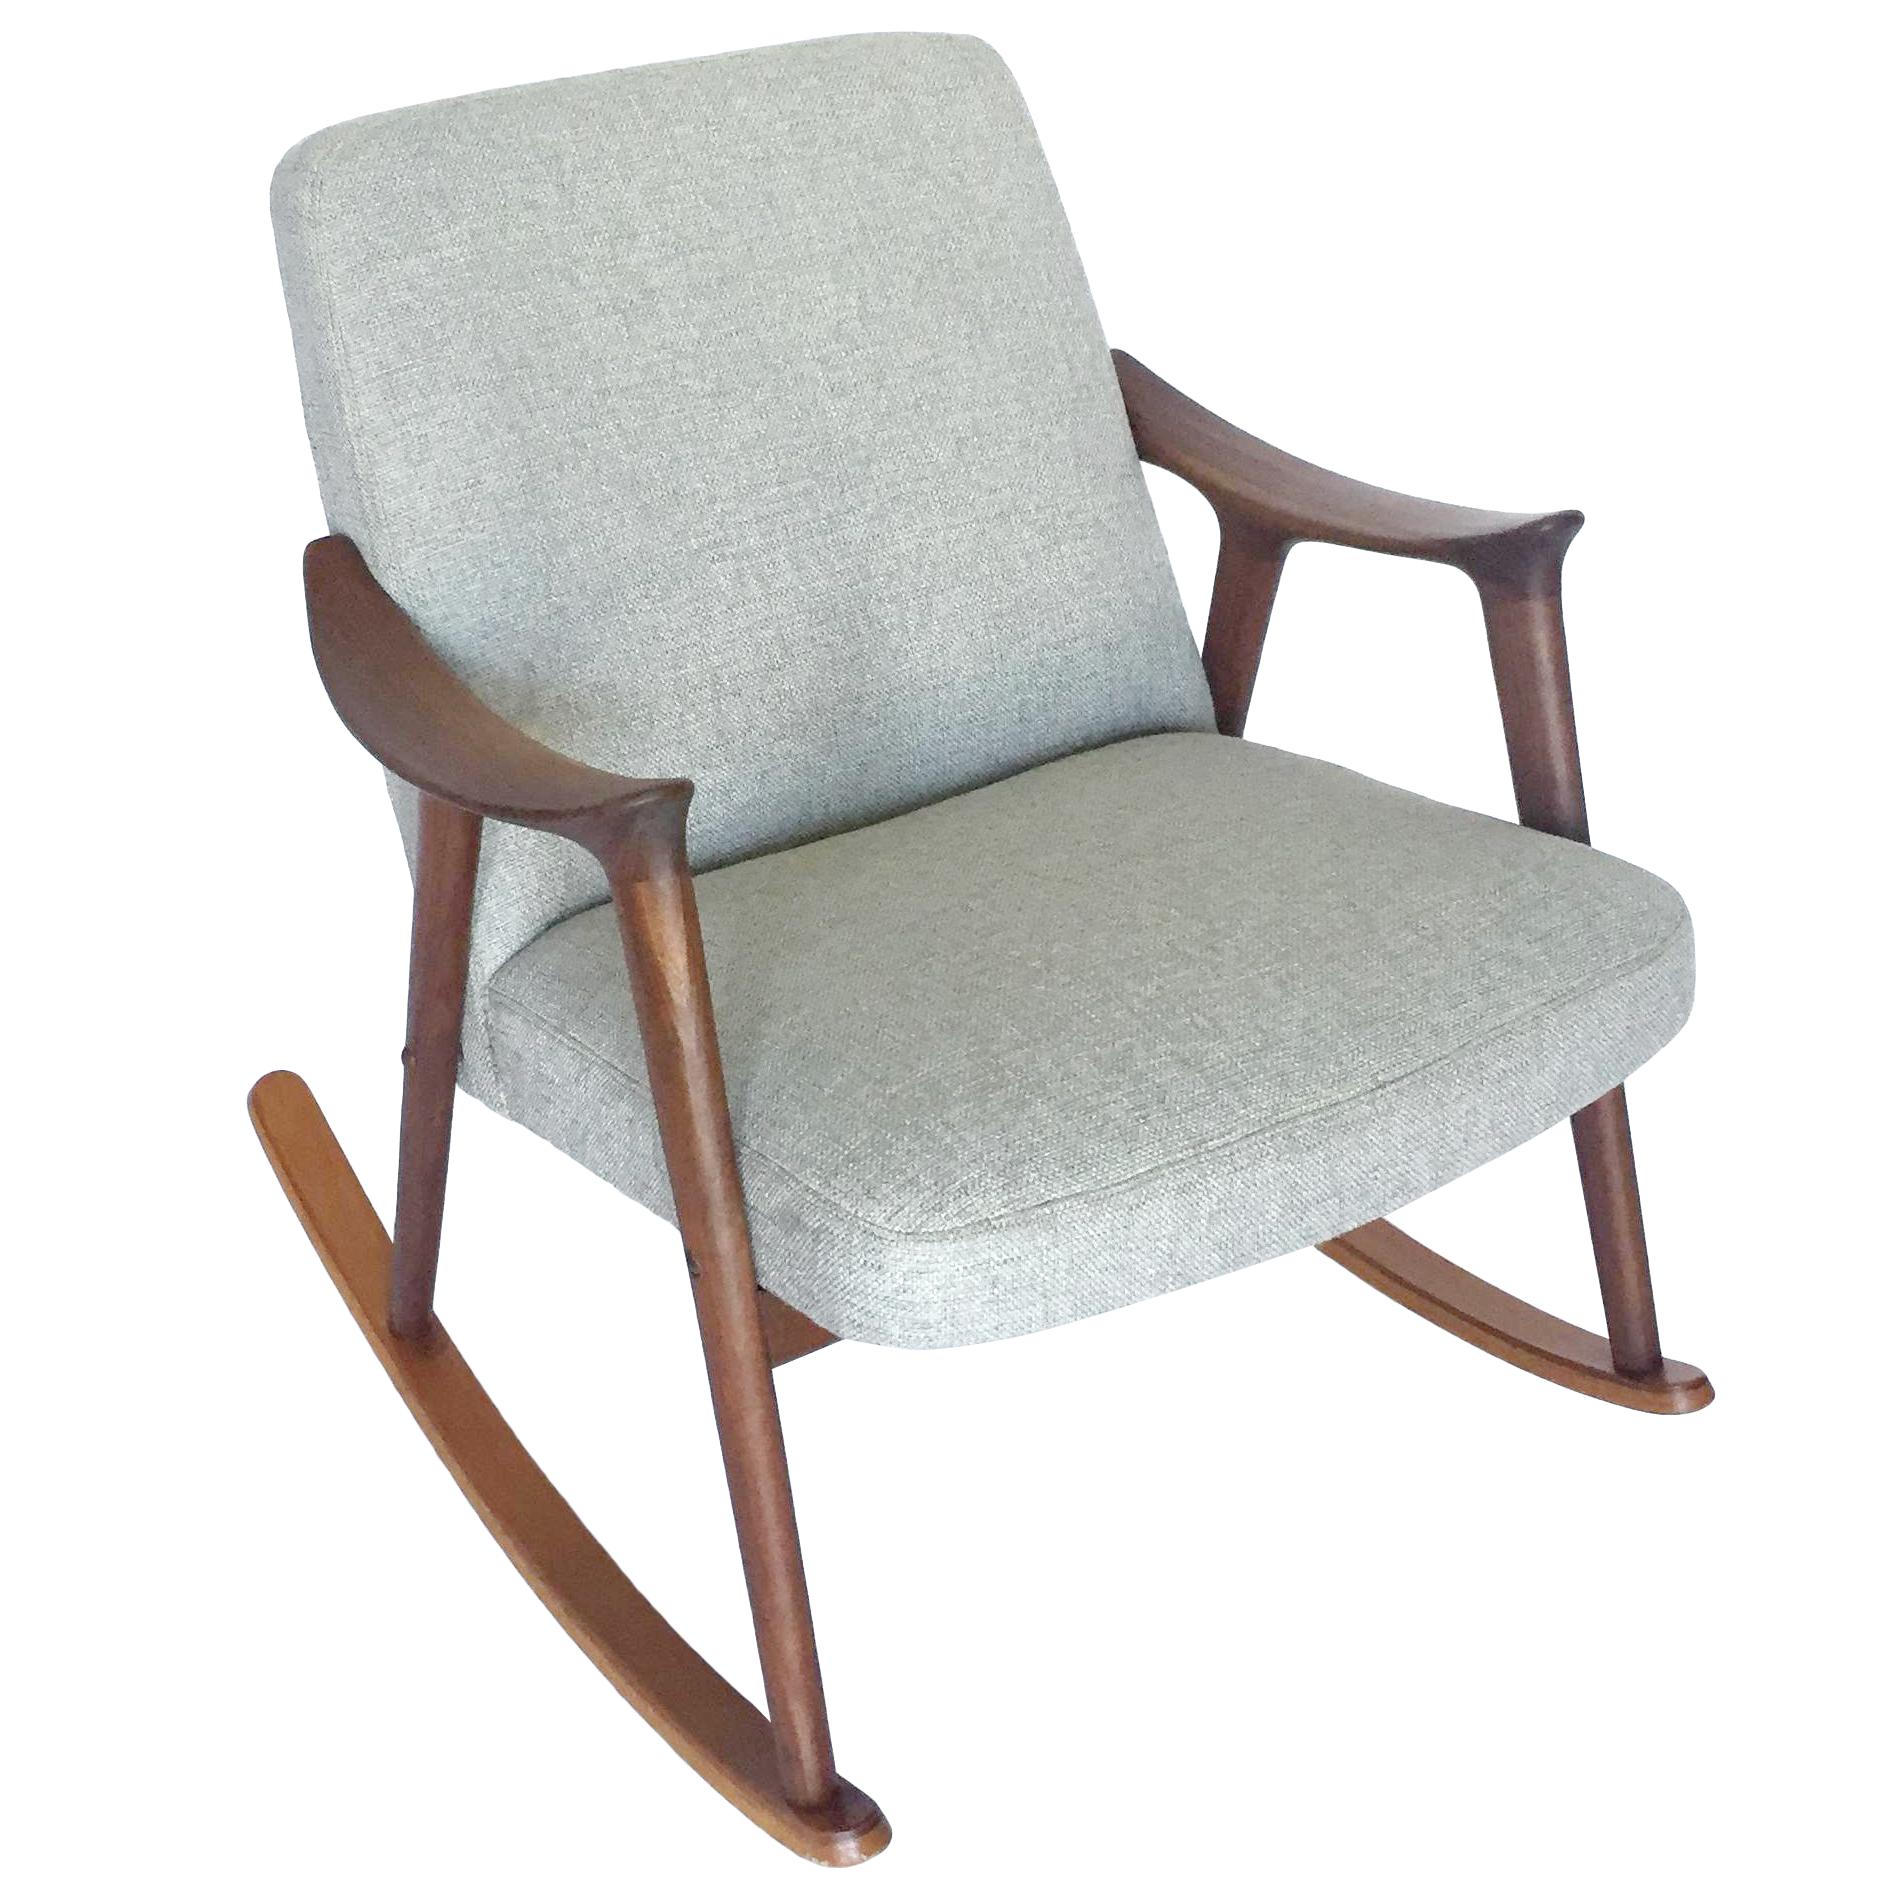 Norwegian Mid Century Rocking Chair